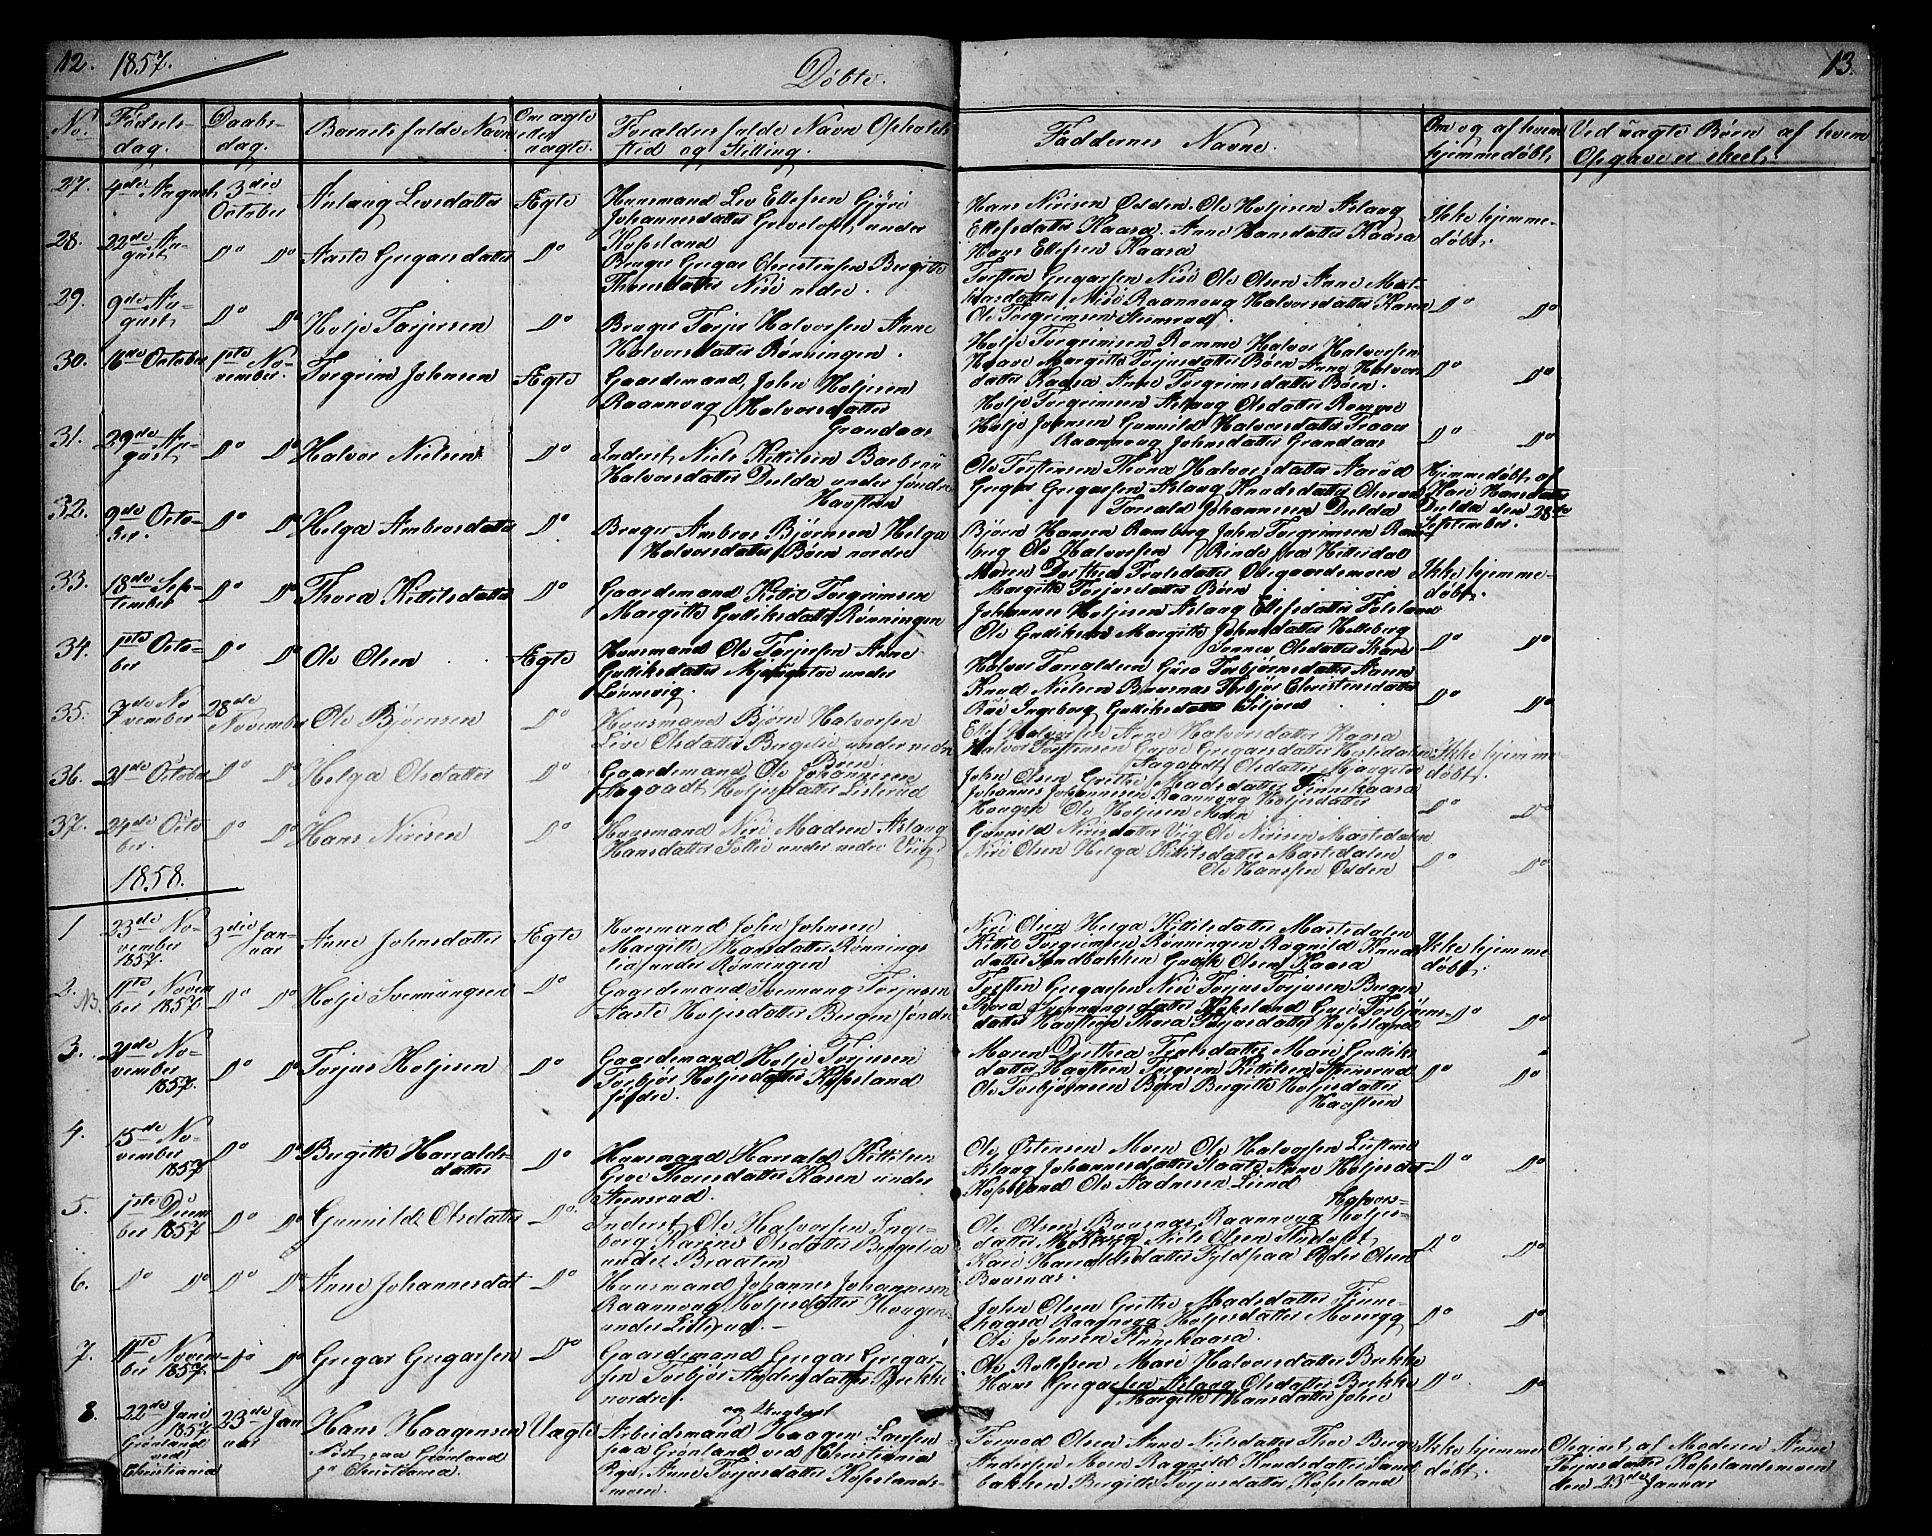 SAKO, Gransherad kirkebøker, G/Ga/L0002: Klokkerbok nr. I 2, 1854-1886, s. 12-13